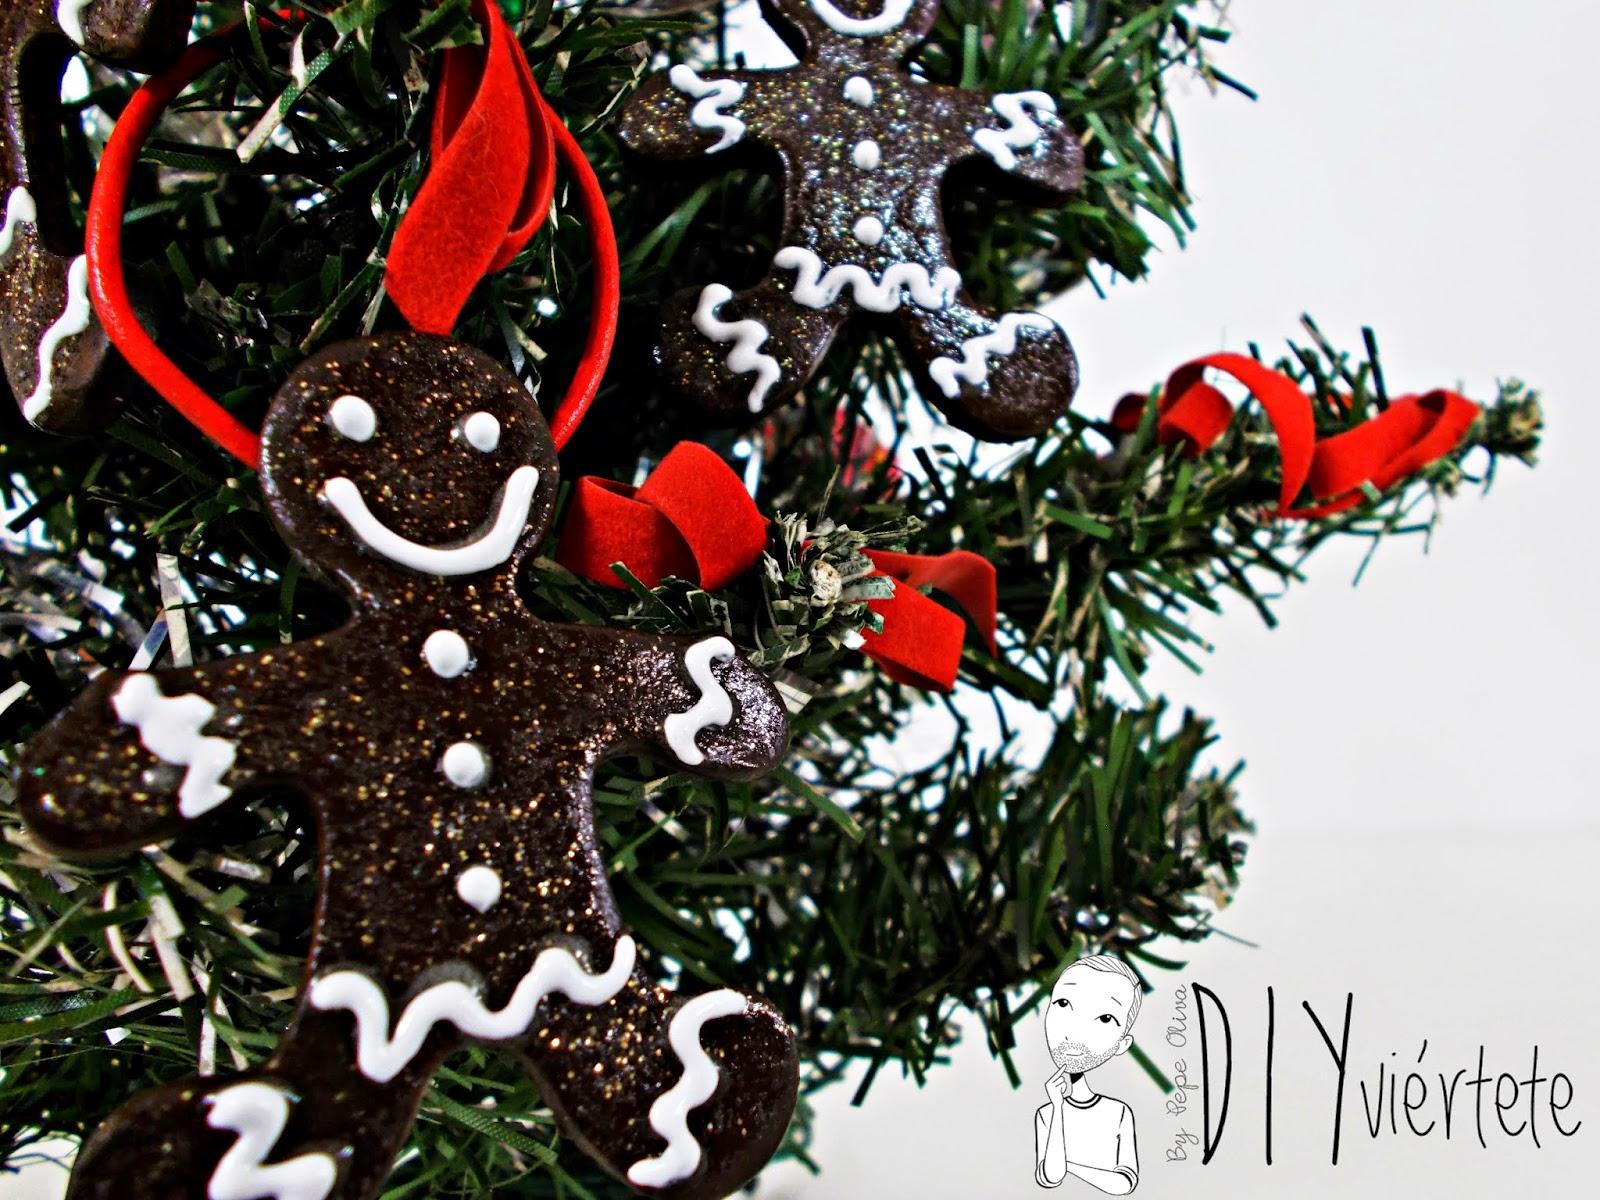 DIY-adorno navideño-ideas decoración-pasta de modelar-porcelana fria-fimo-arcilla polimérica-galleta-muñeco jengibre-Navidad- (2)